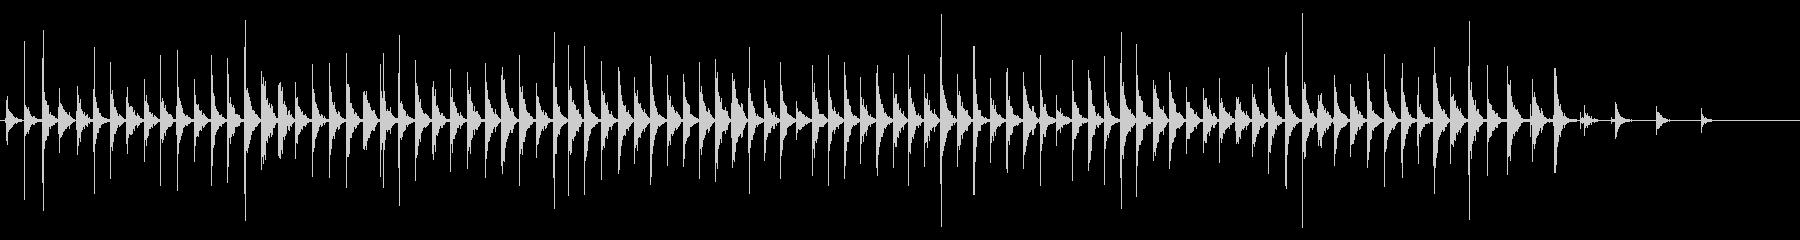 ウッドフロア:ローヒールの女性用フ...の未再生の波形